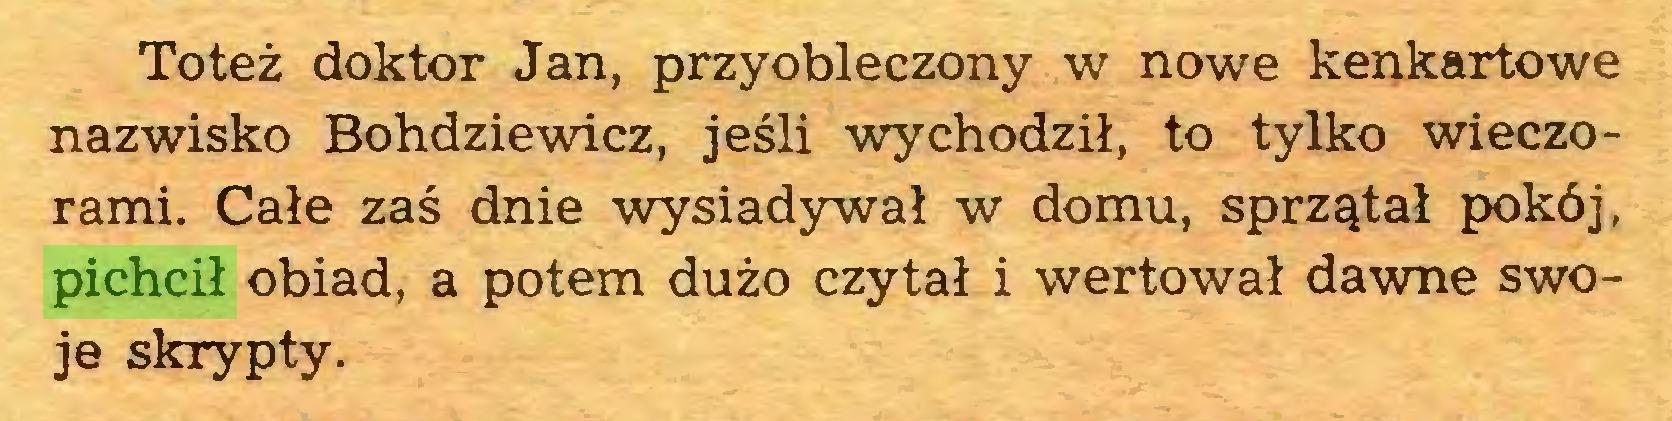 (...) Toteż doktor Jan, przyobleczony w nowe kenkartowe nazwisko Bohdziewicz, jeśli wychodził, to tylko wieczorami. Całe zaś dnie wysiadywał w domu, sprzątał pokój, pichcił obiad, a potem dużo czytał i wertował dawne swoje skrypty...